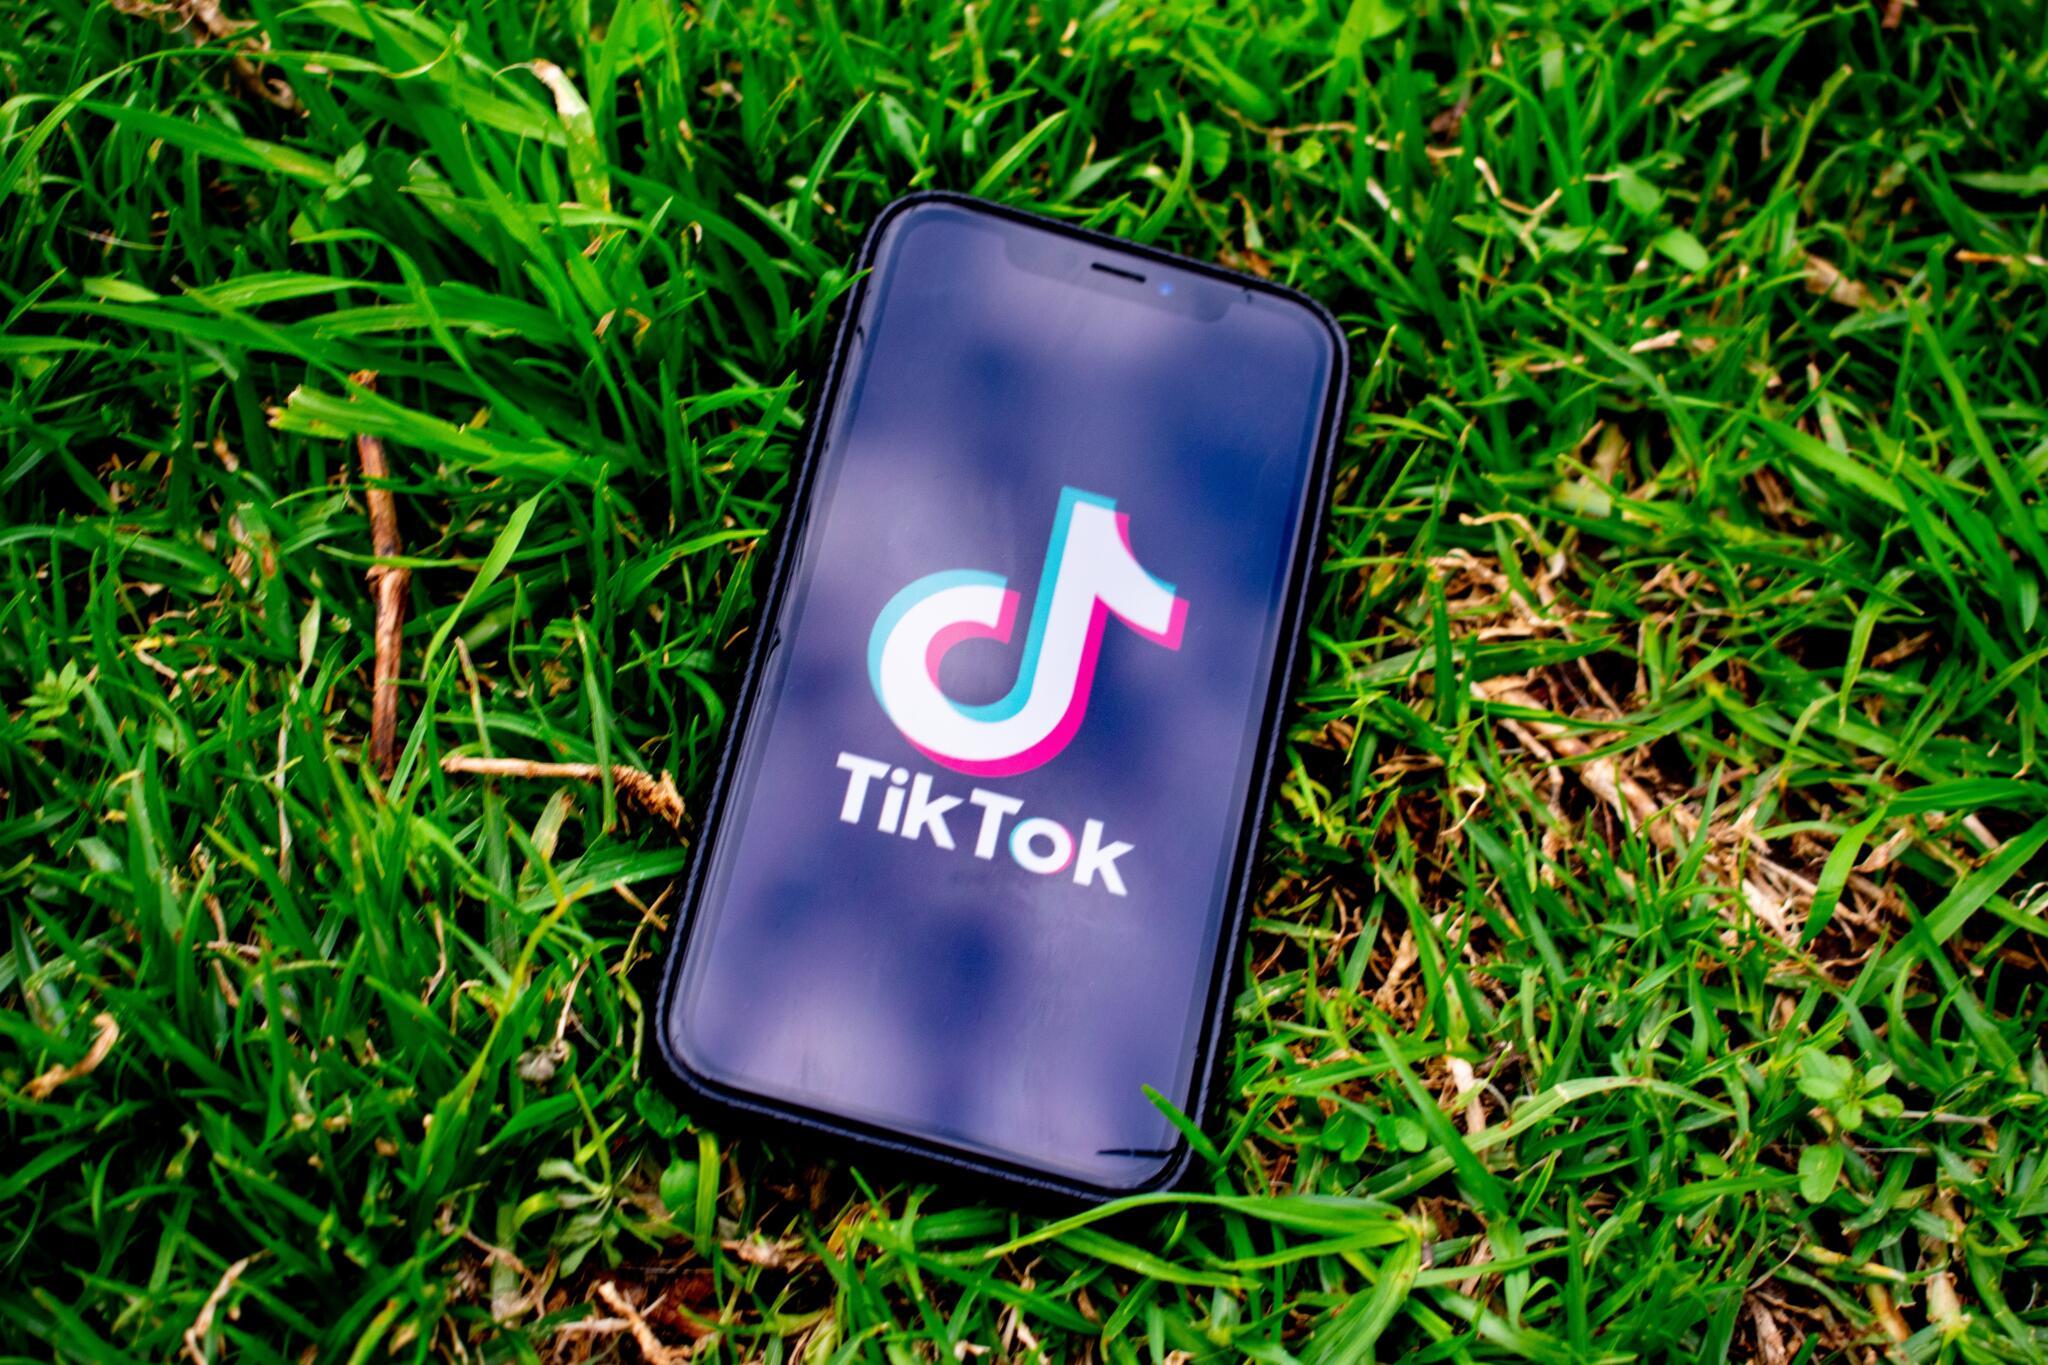 tiktok, social media, app